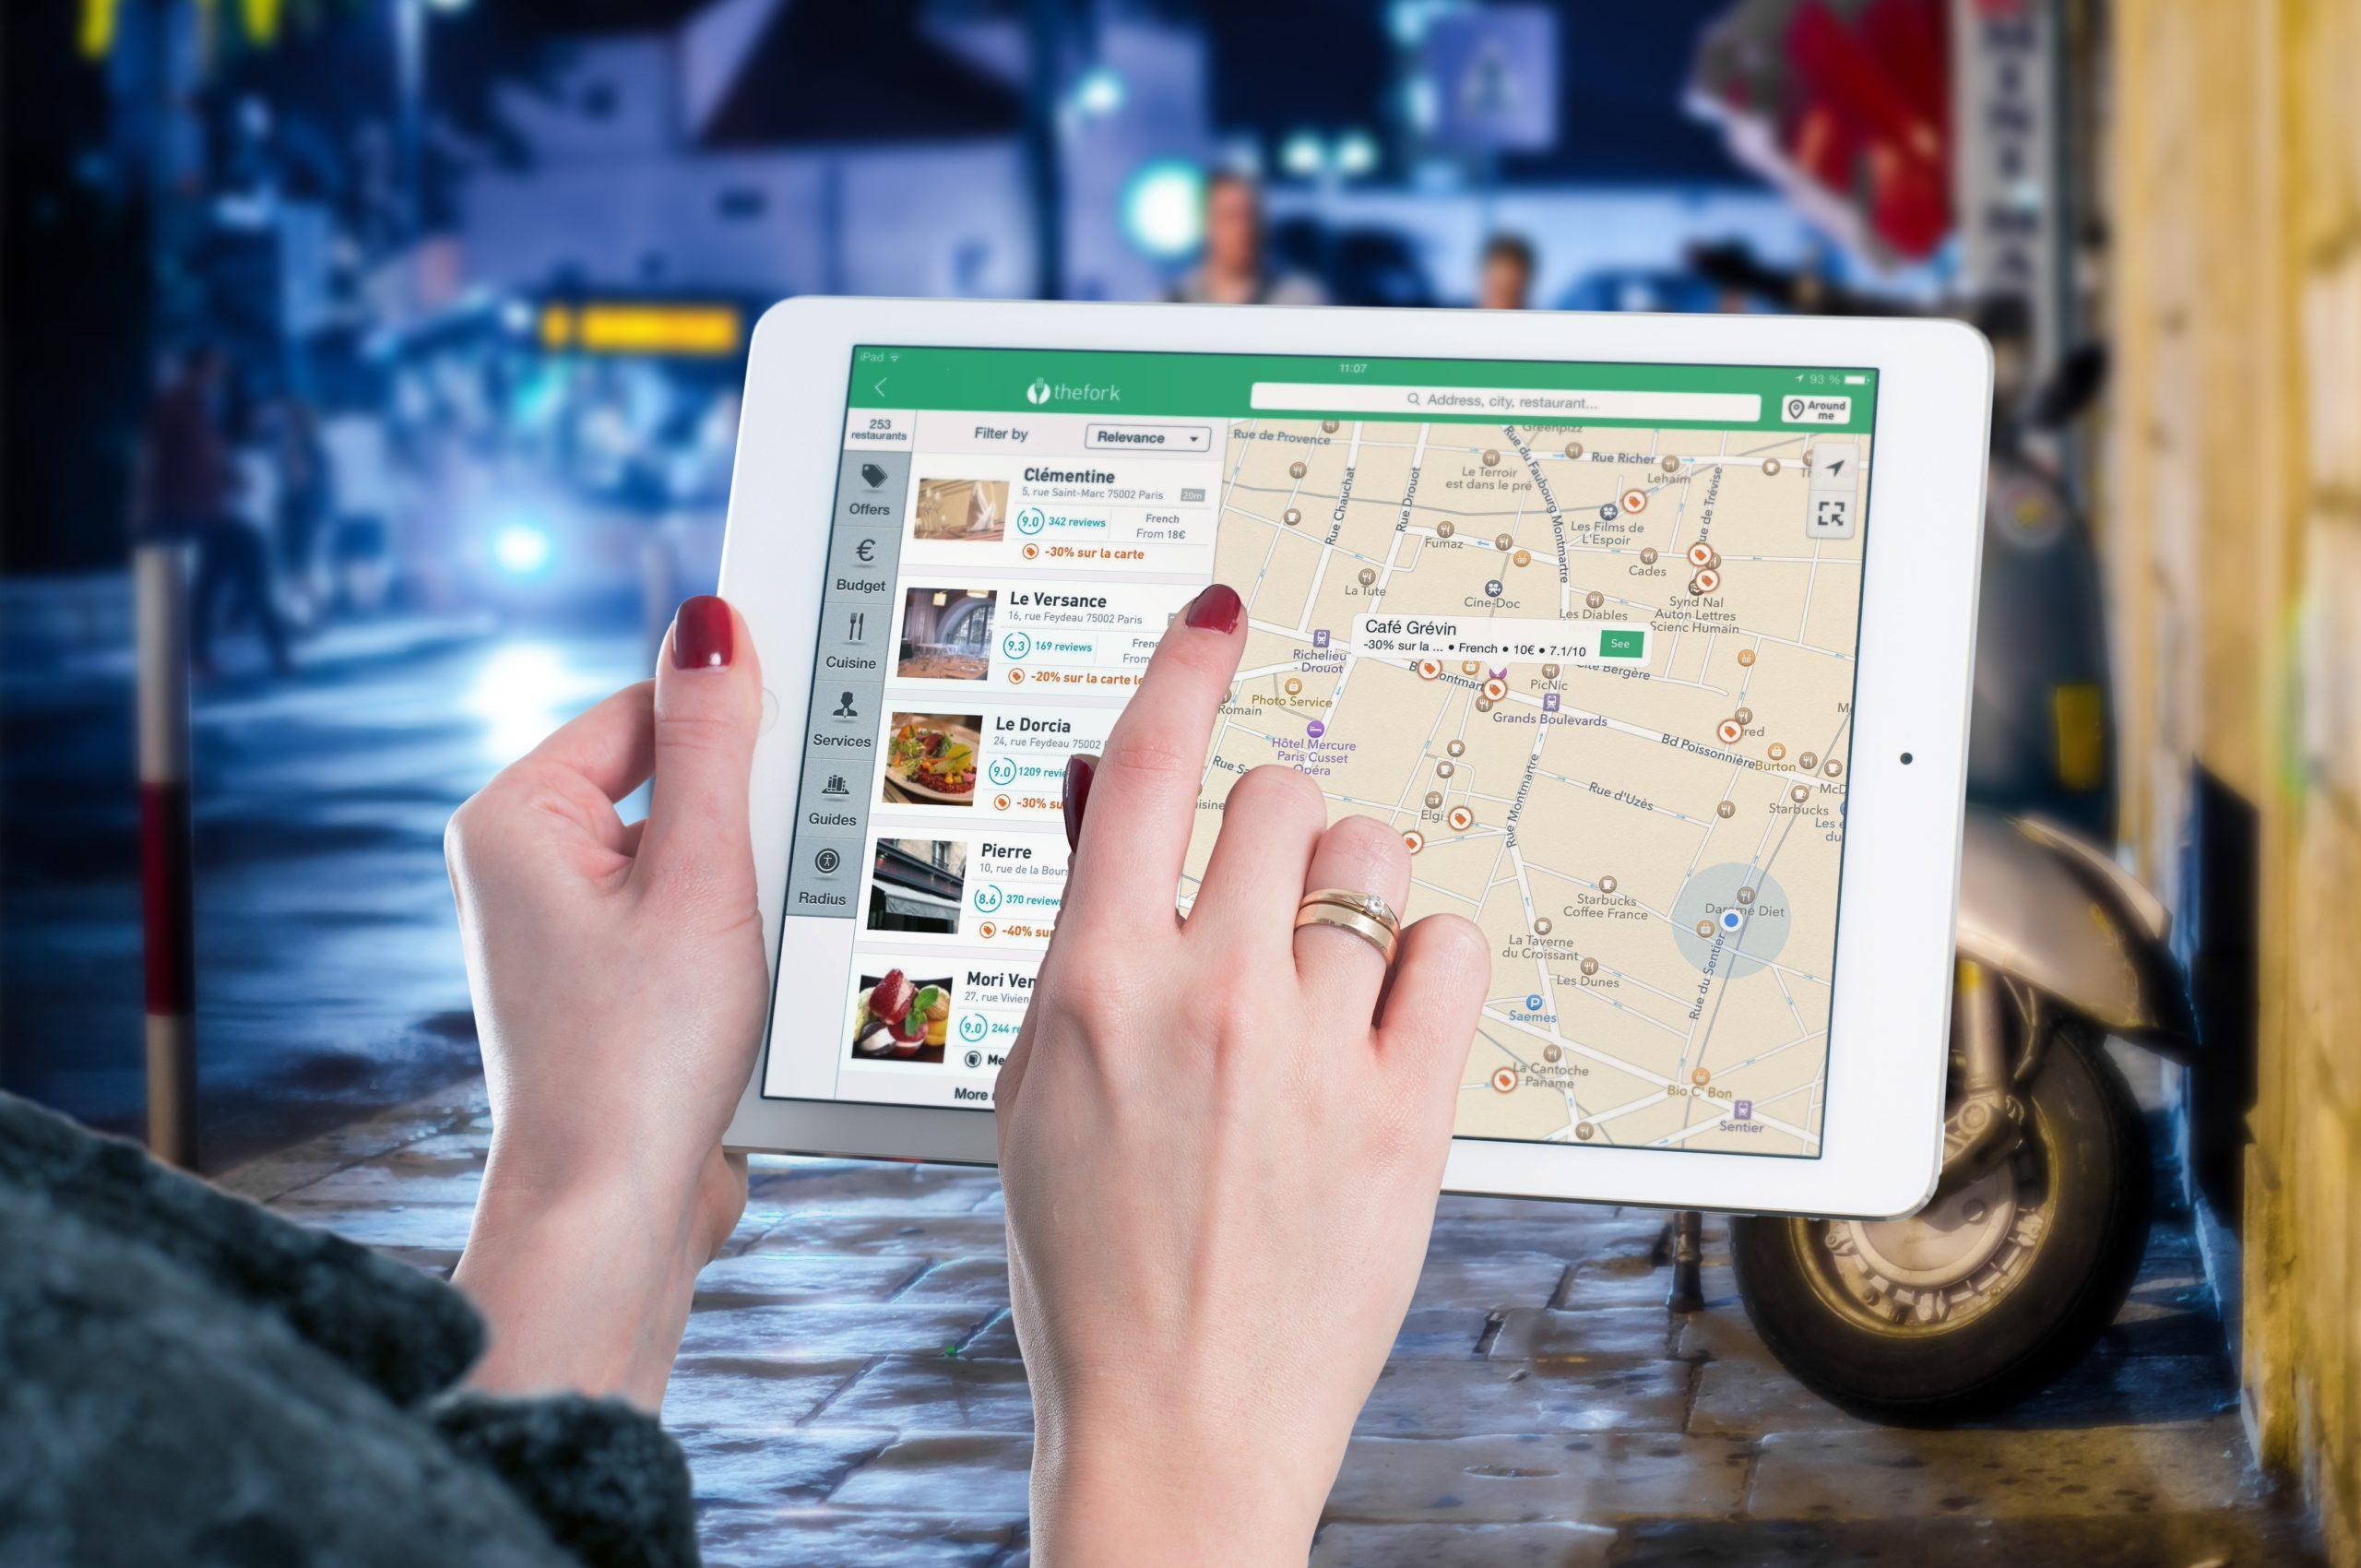 Haritalara Adresinizi Ekleme Nasıl Yapılır?